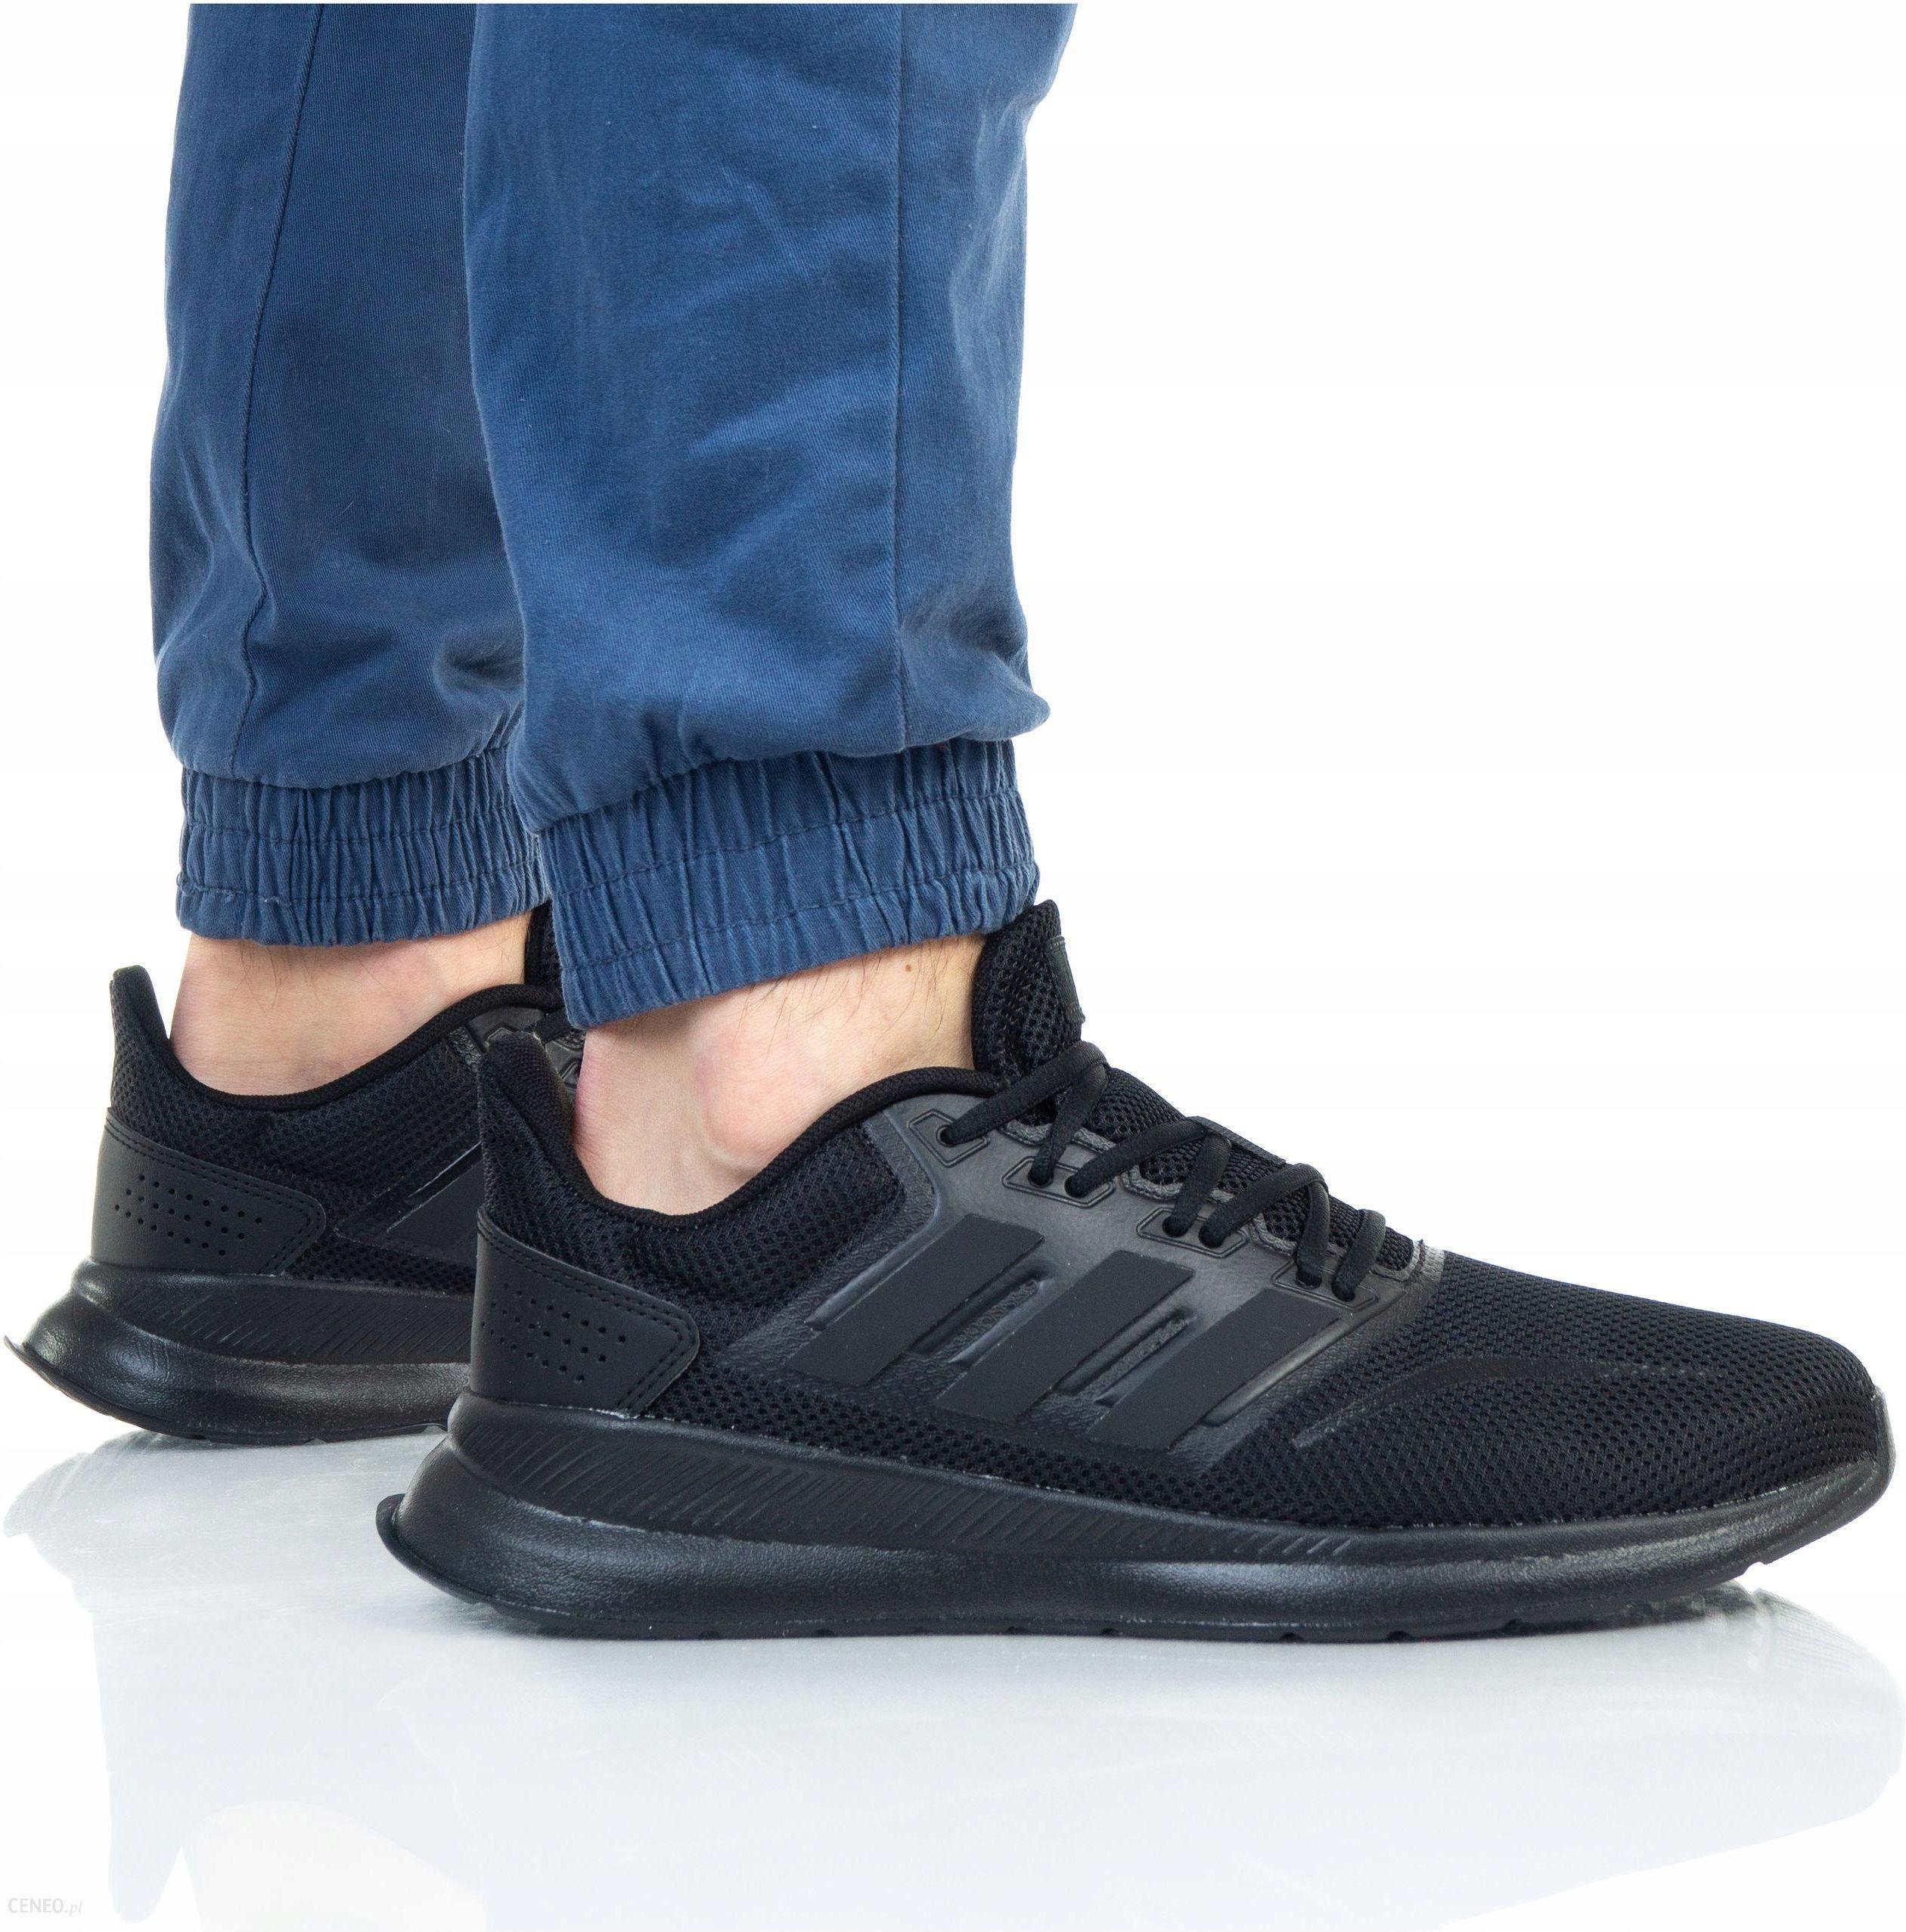 Buty Adidas Męskie Runfalcon G28970 Czarne Ceny i opinie Ceneo.pl